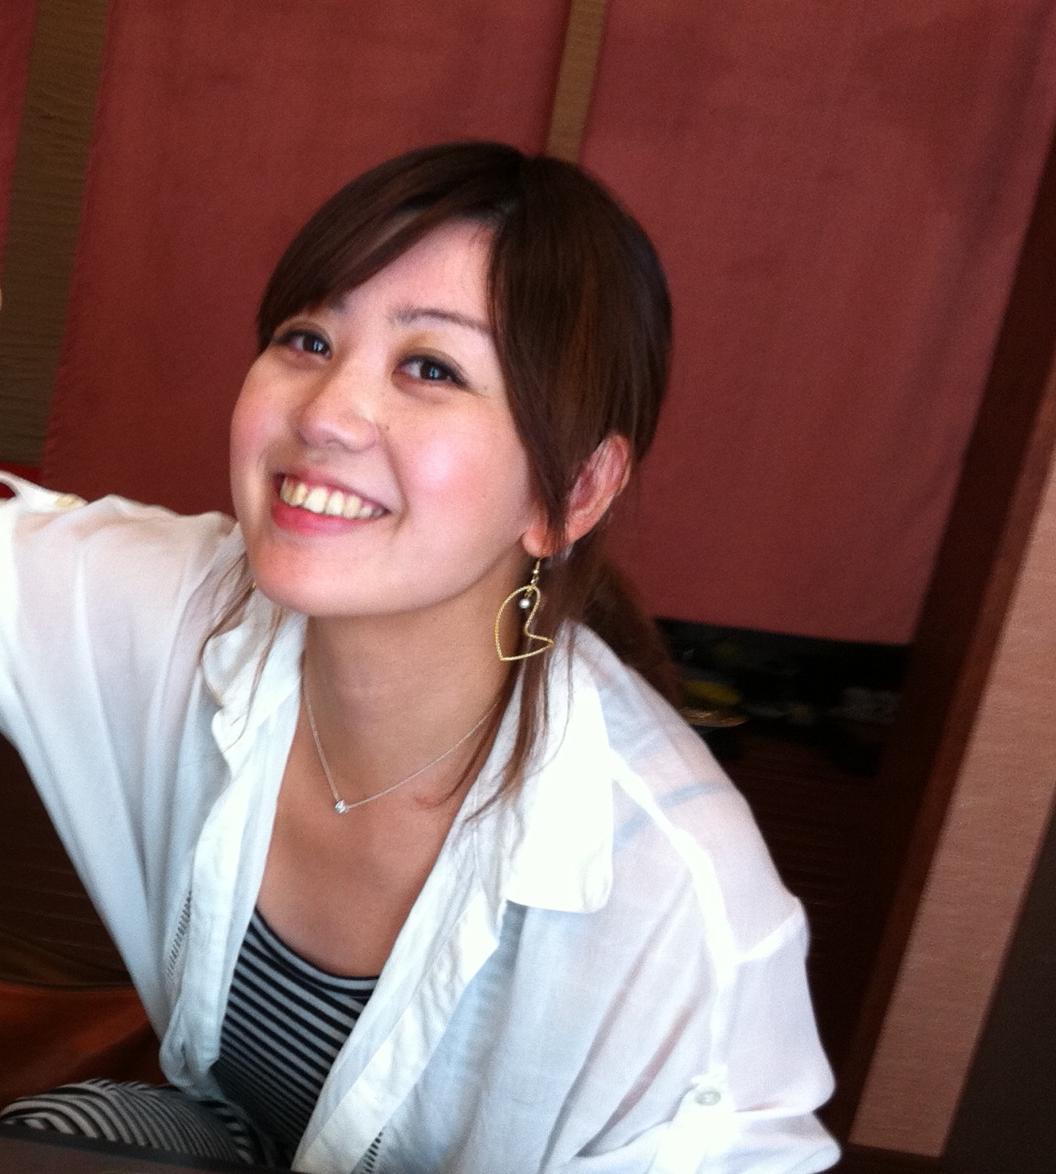 内田 真由美